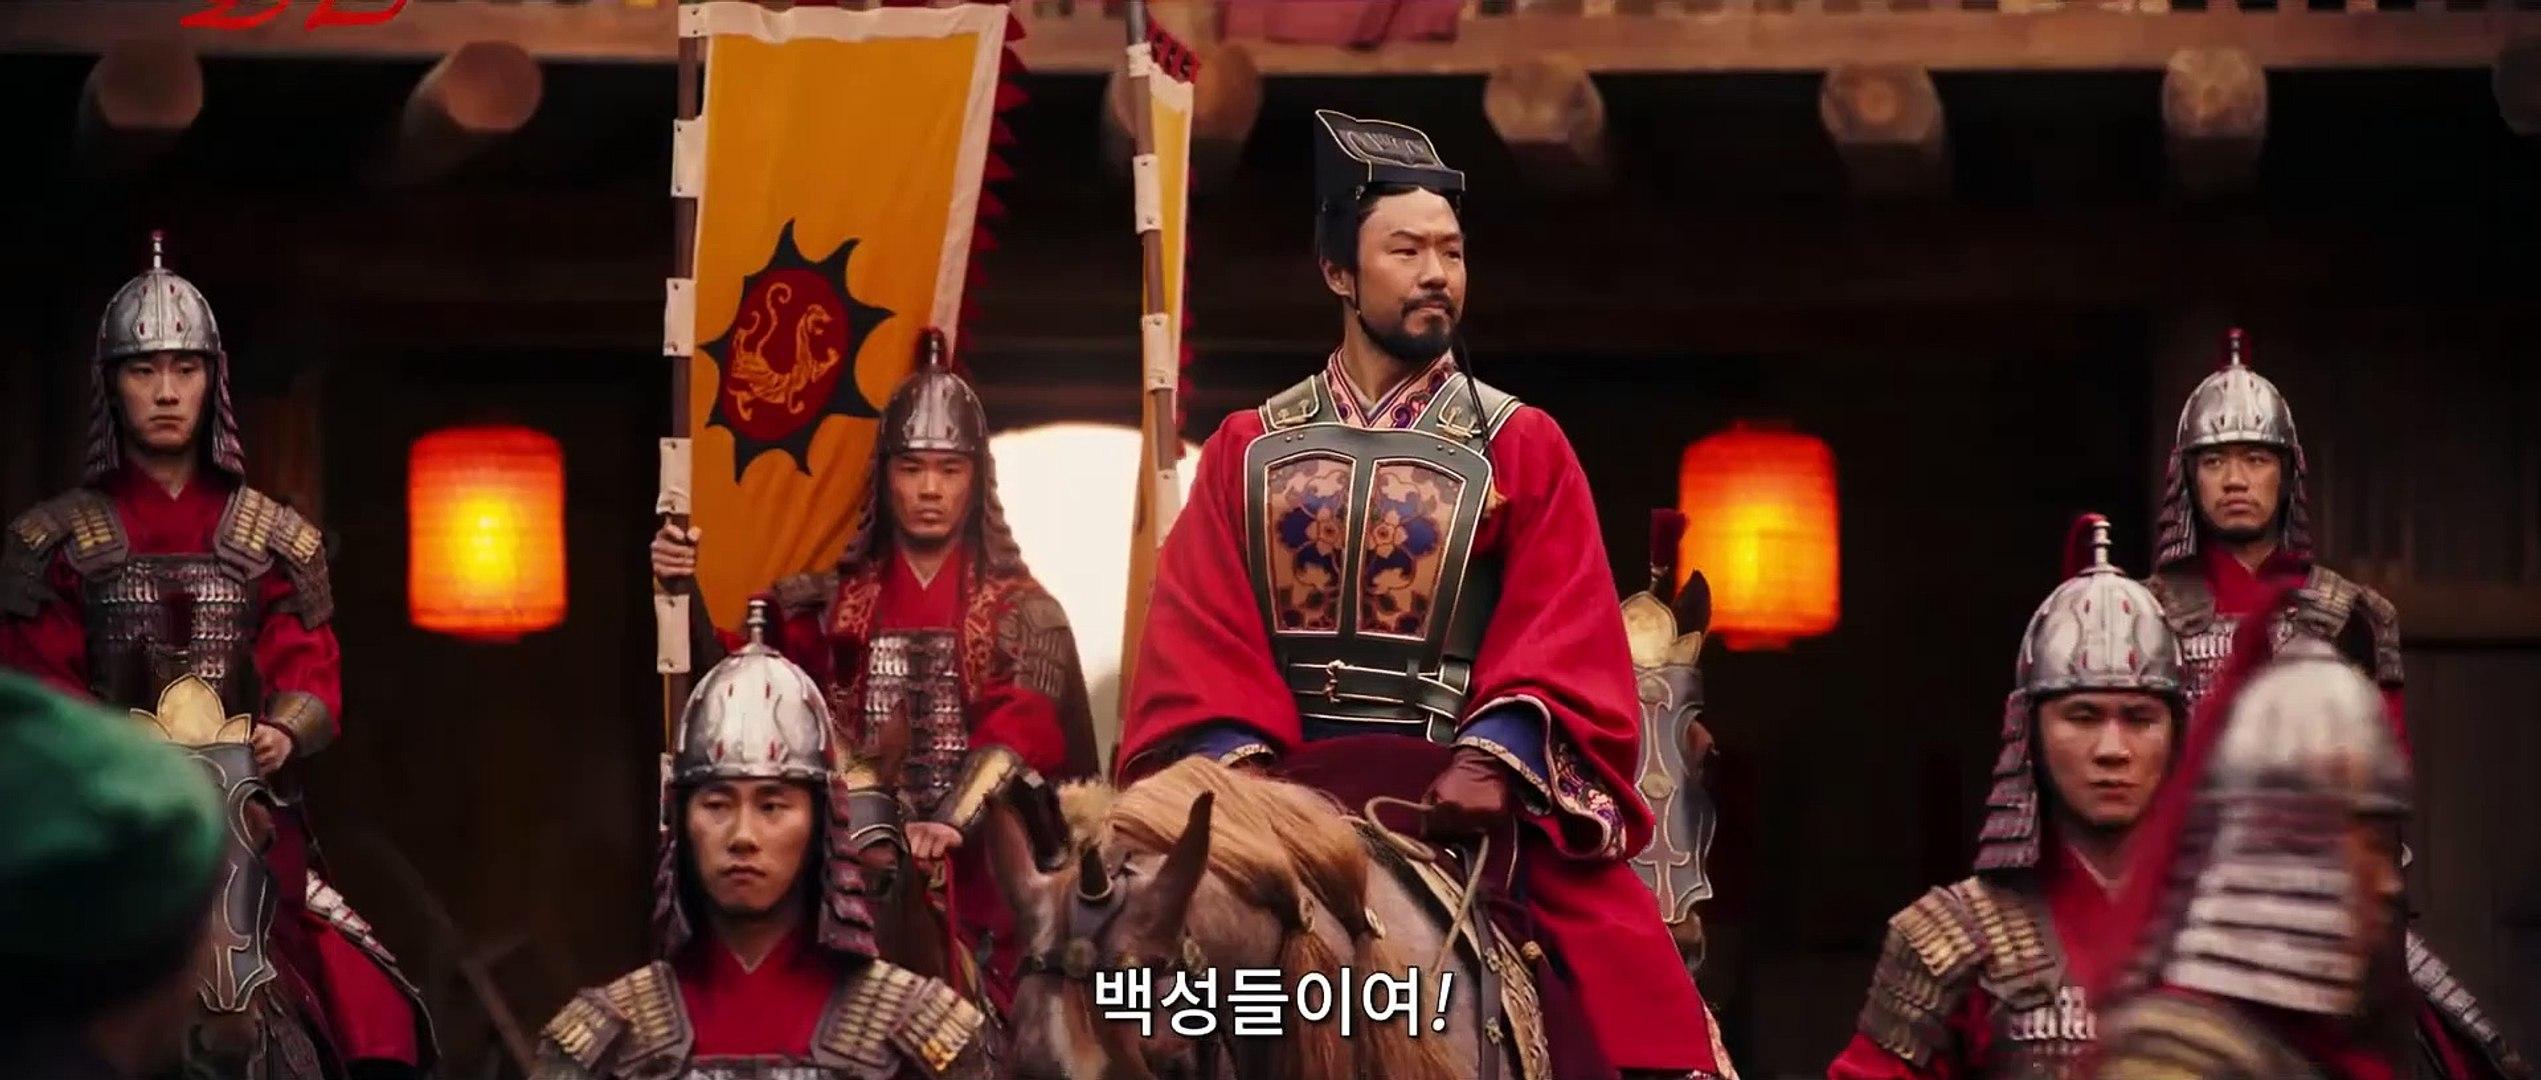 영화 [뮬란] - Mulan